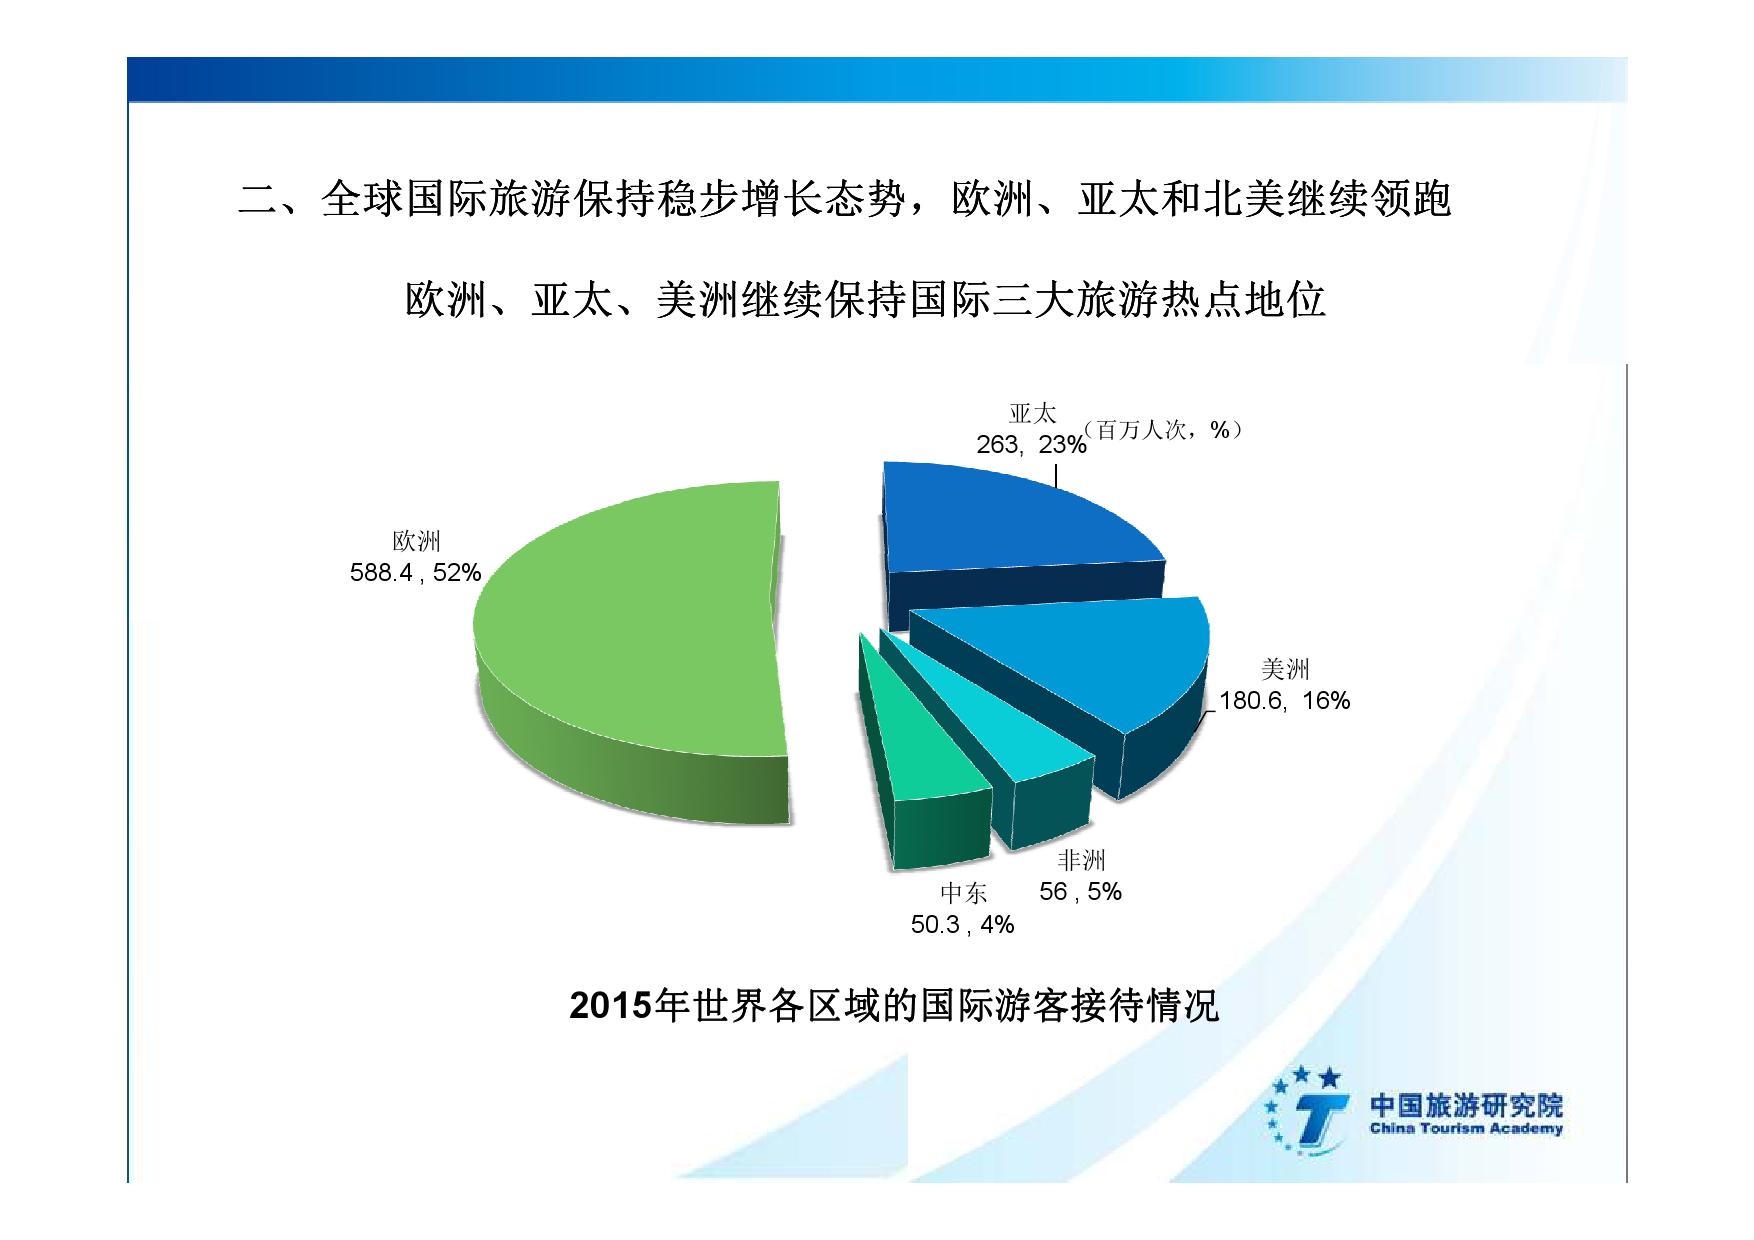 2016中国入境旅游发展年度报告_000011